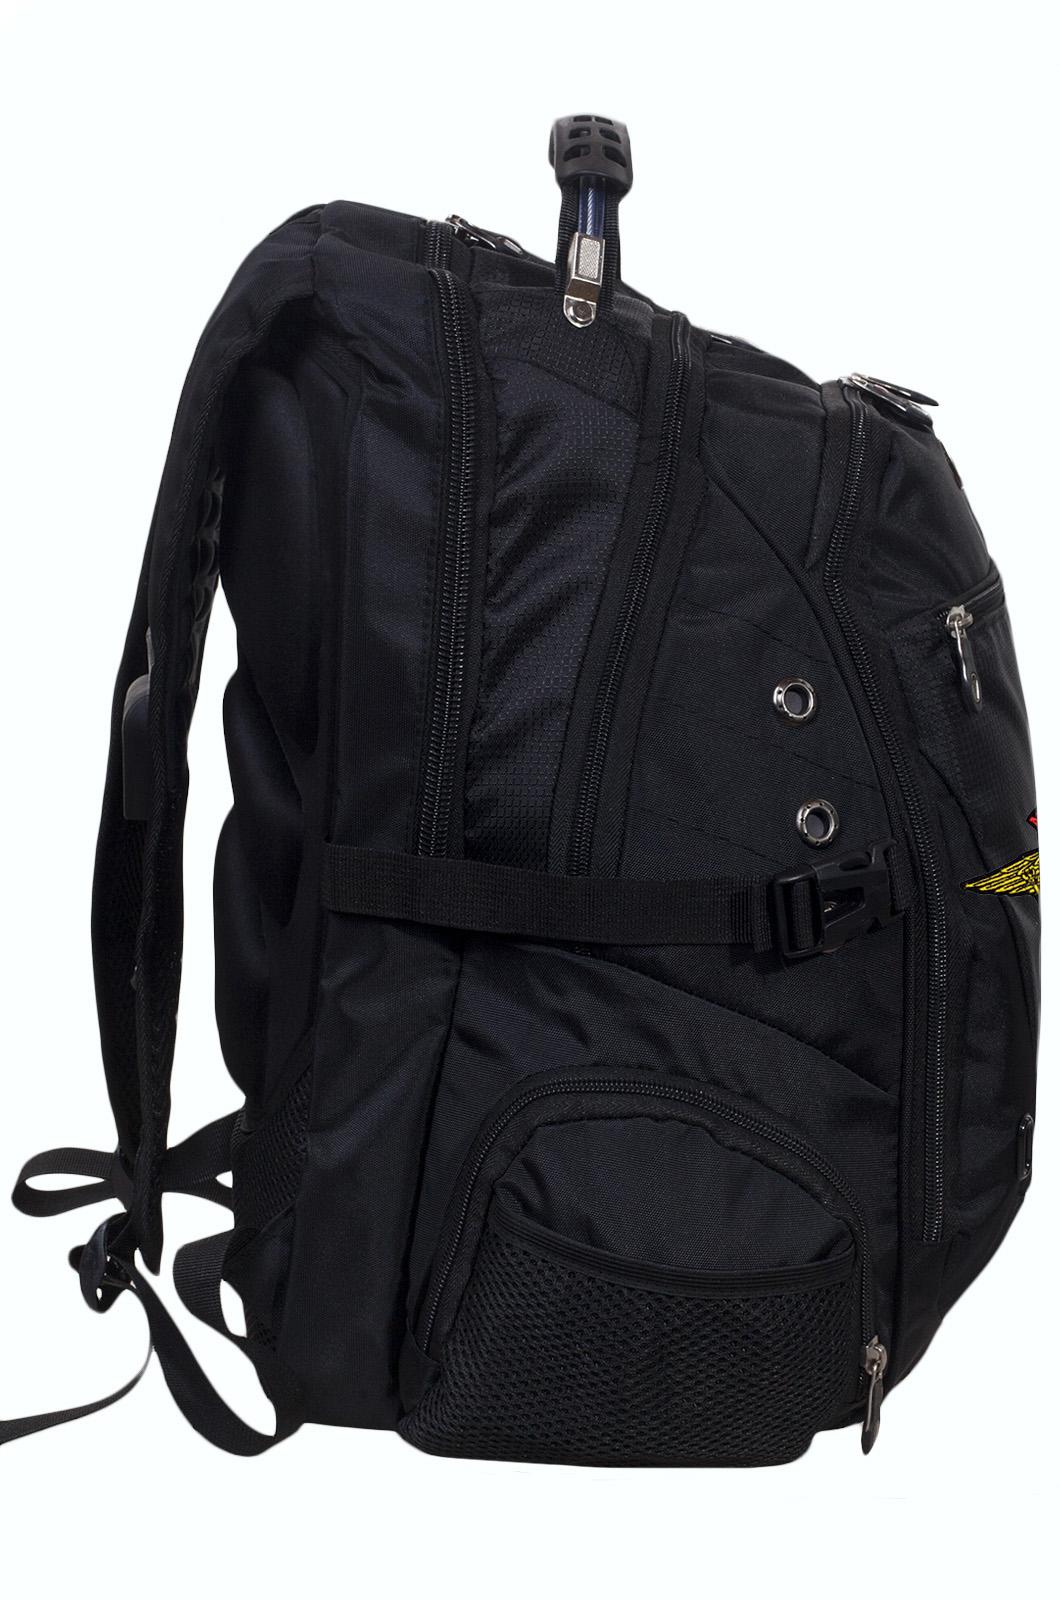 Заказать надежный городской рюкзак с эмблемой МВД России